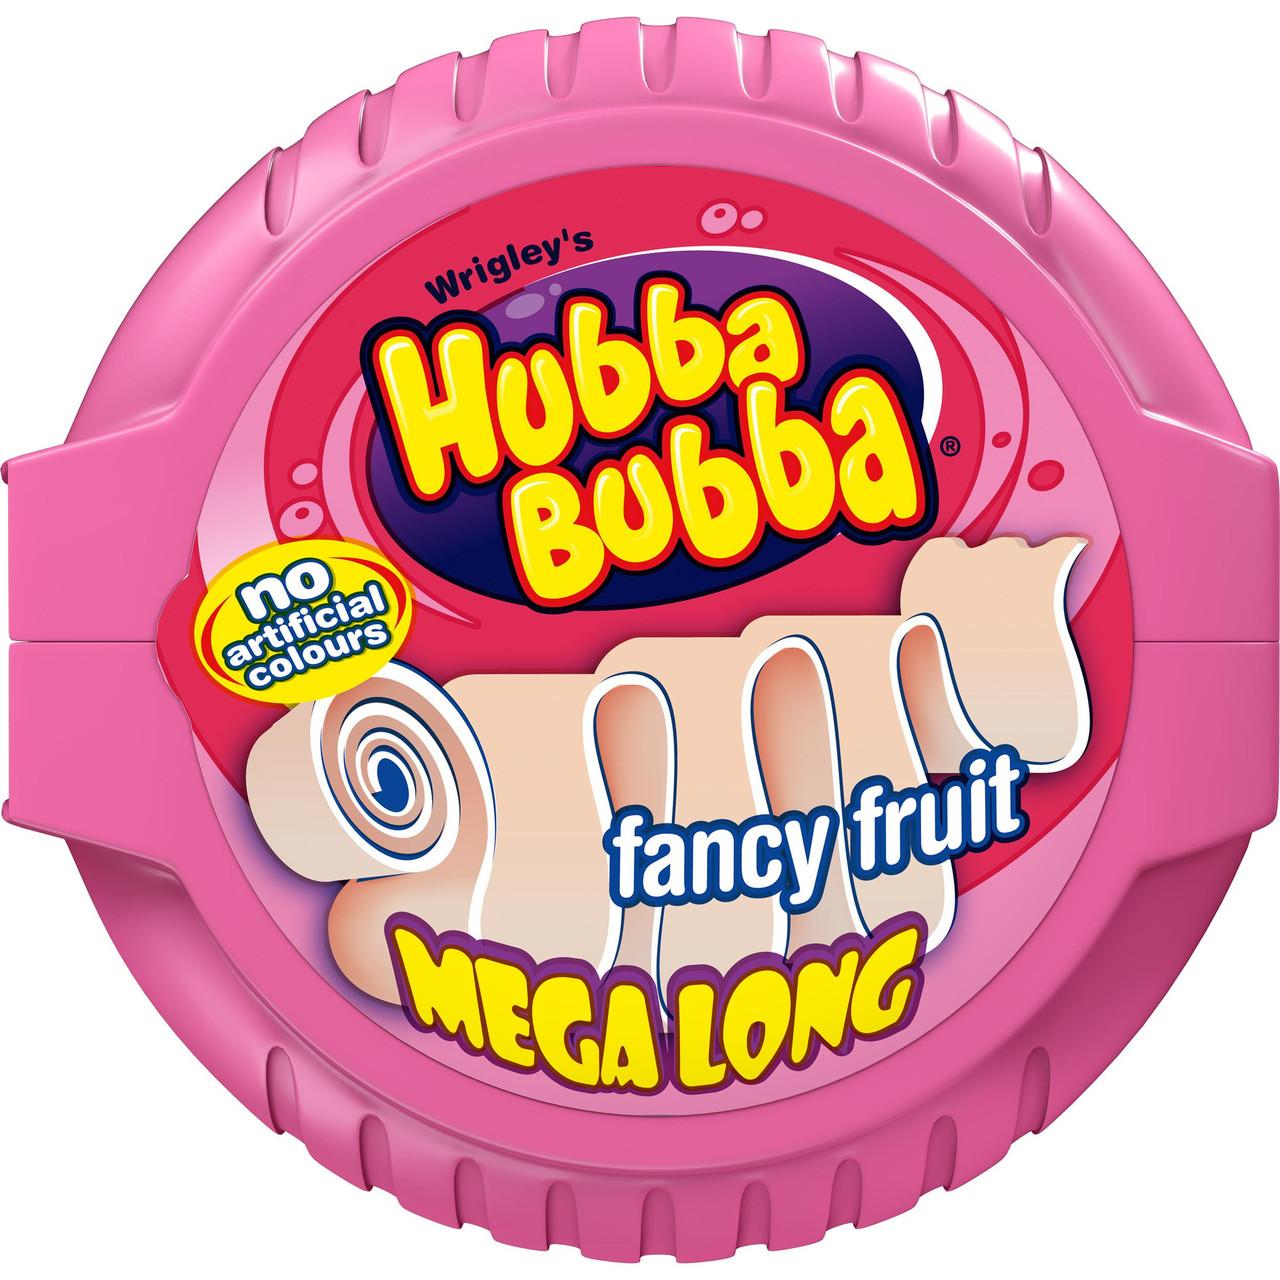 Жевательная резинка в рулетке  Хубба-Бубба  hubba bubba fancy fruit  (розовая) 56,7 гр